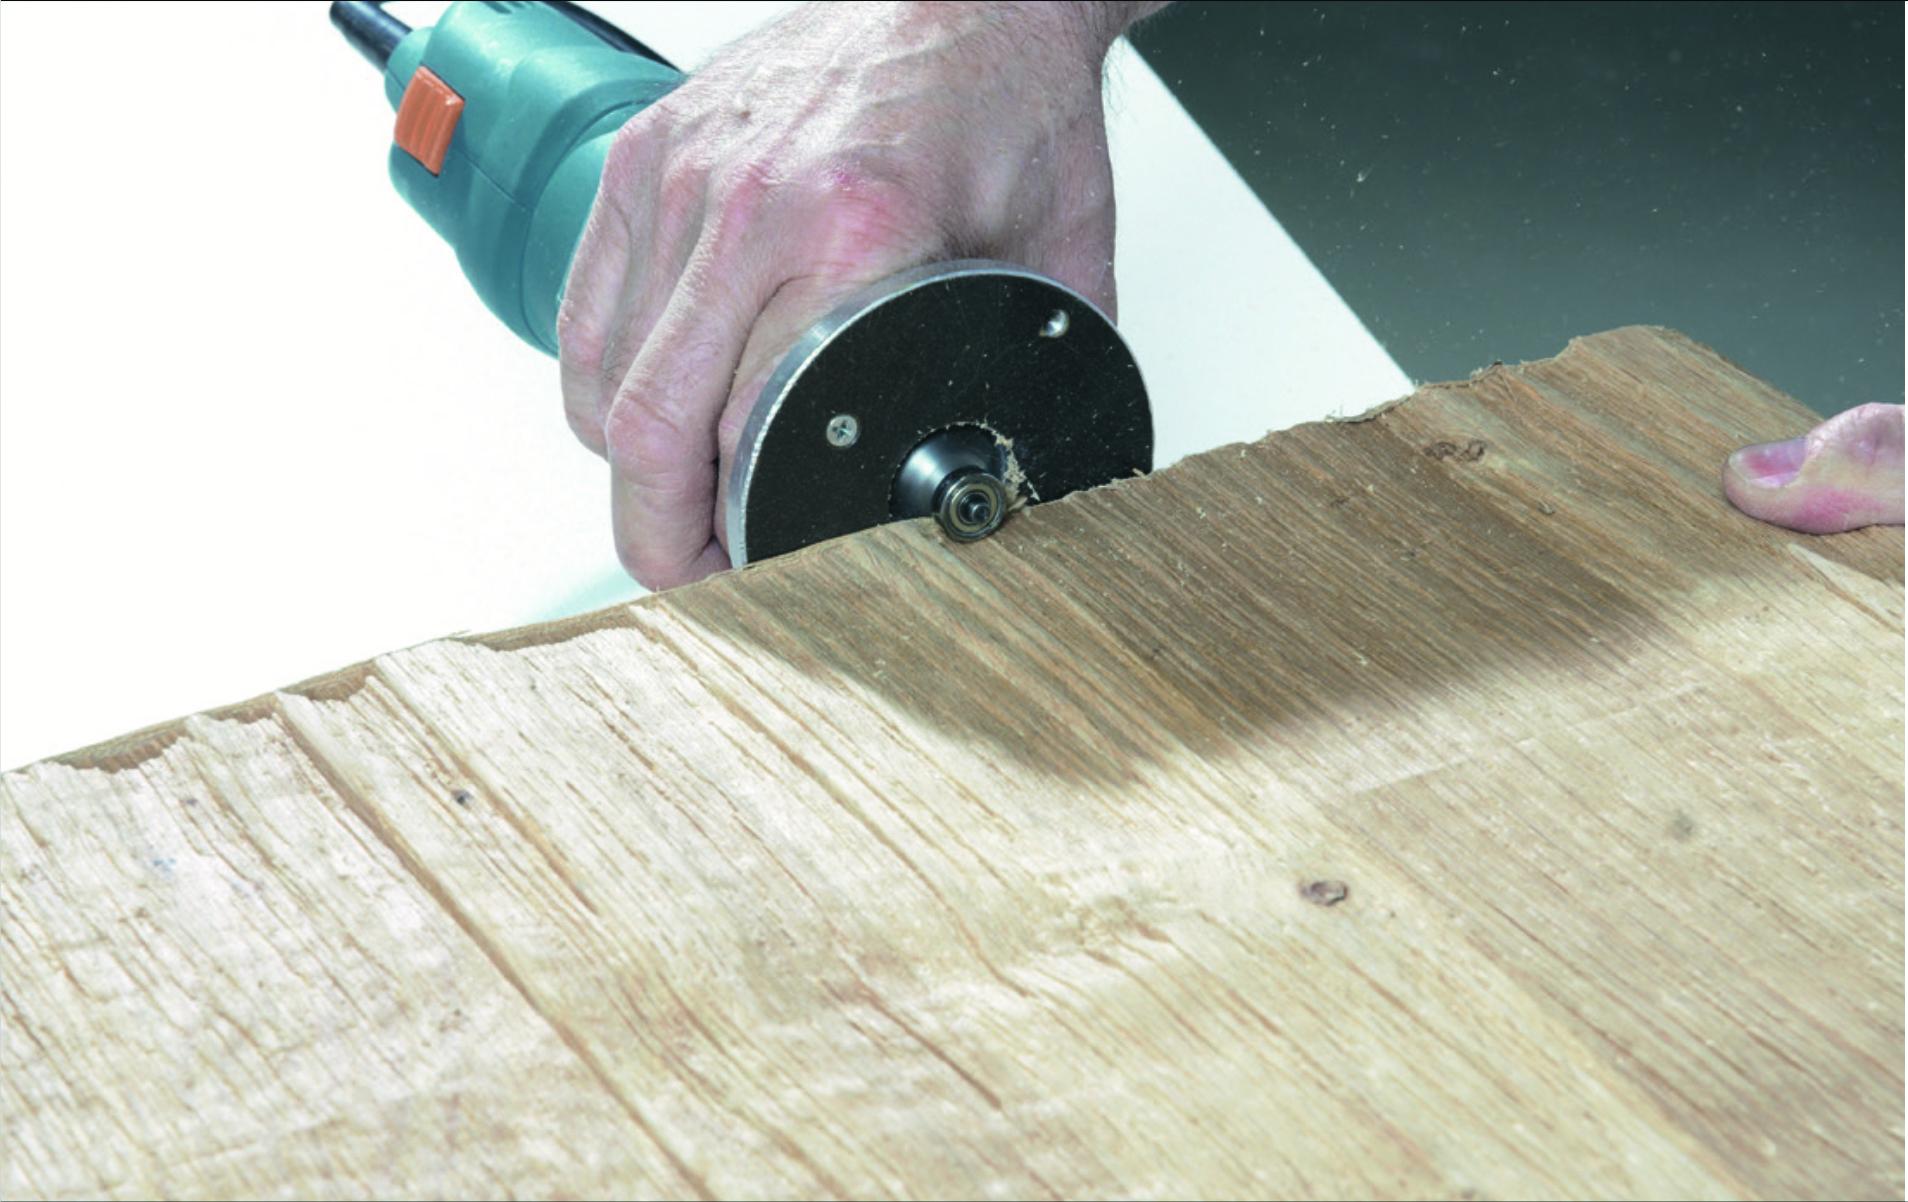 3. Fahren Sie mit dem Profilfräser möglichst waagerecht entlang der Kante und säubern das überschüssige Kantenmaterial.